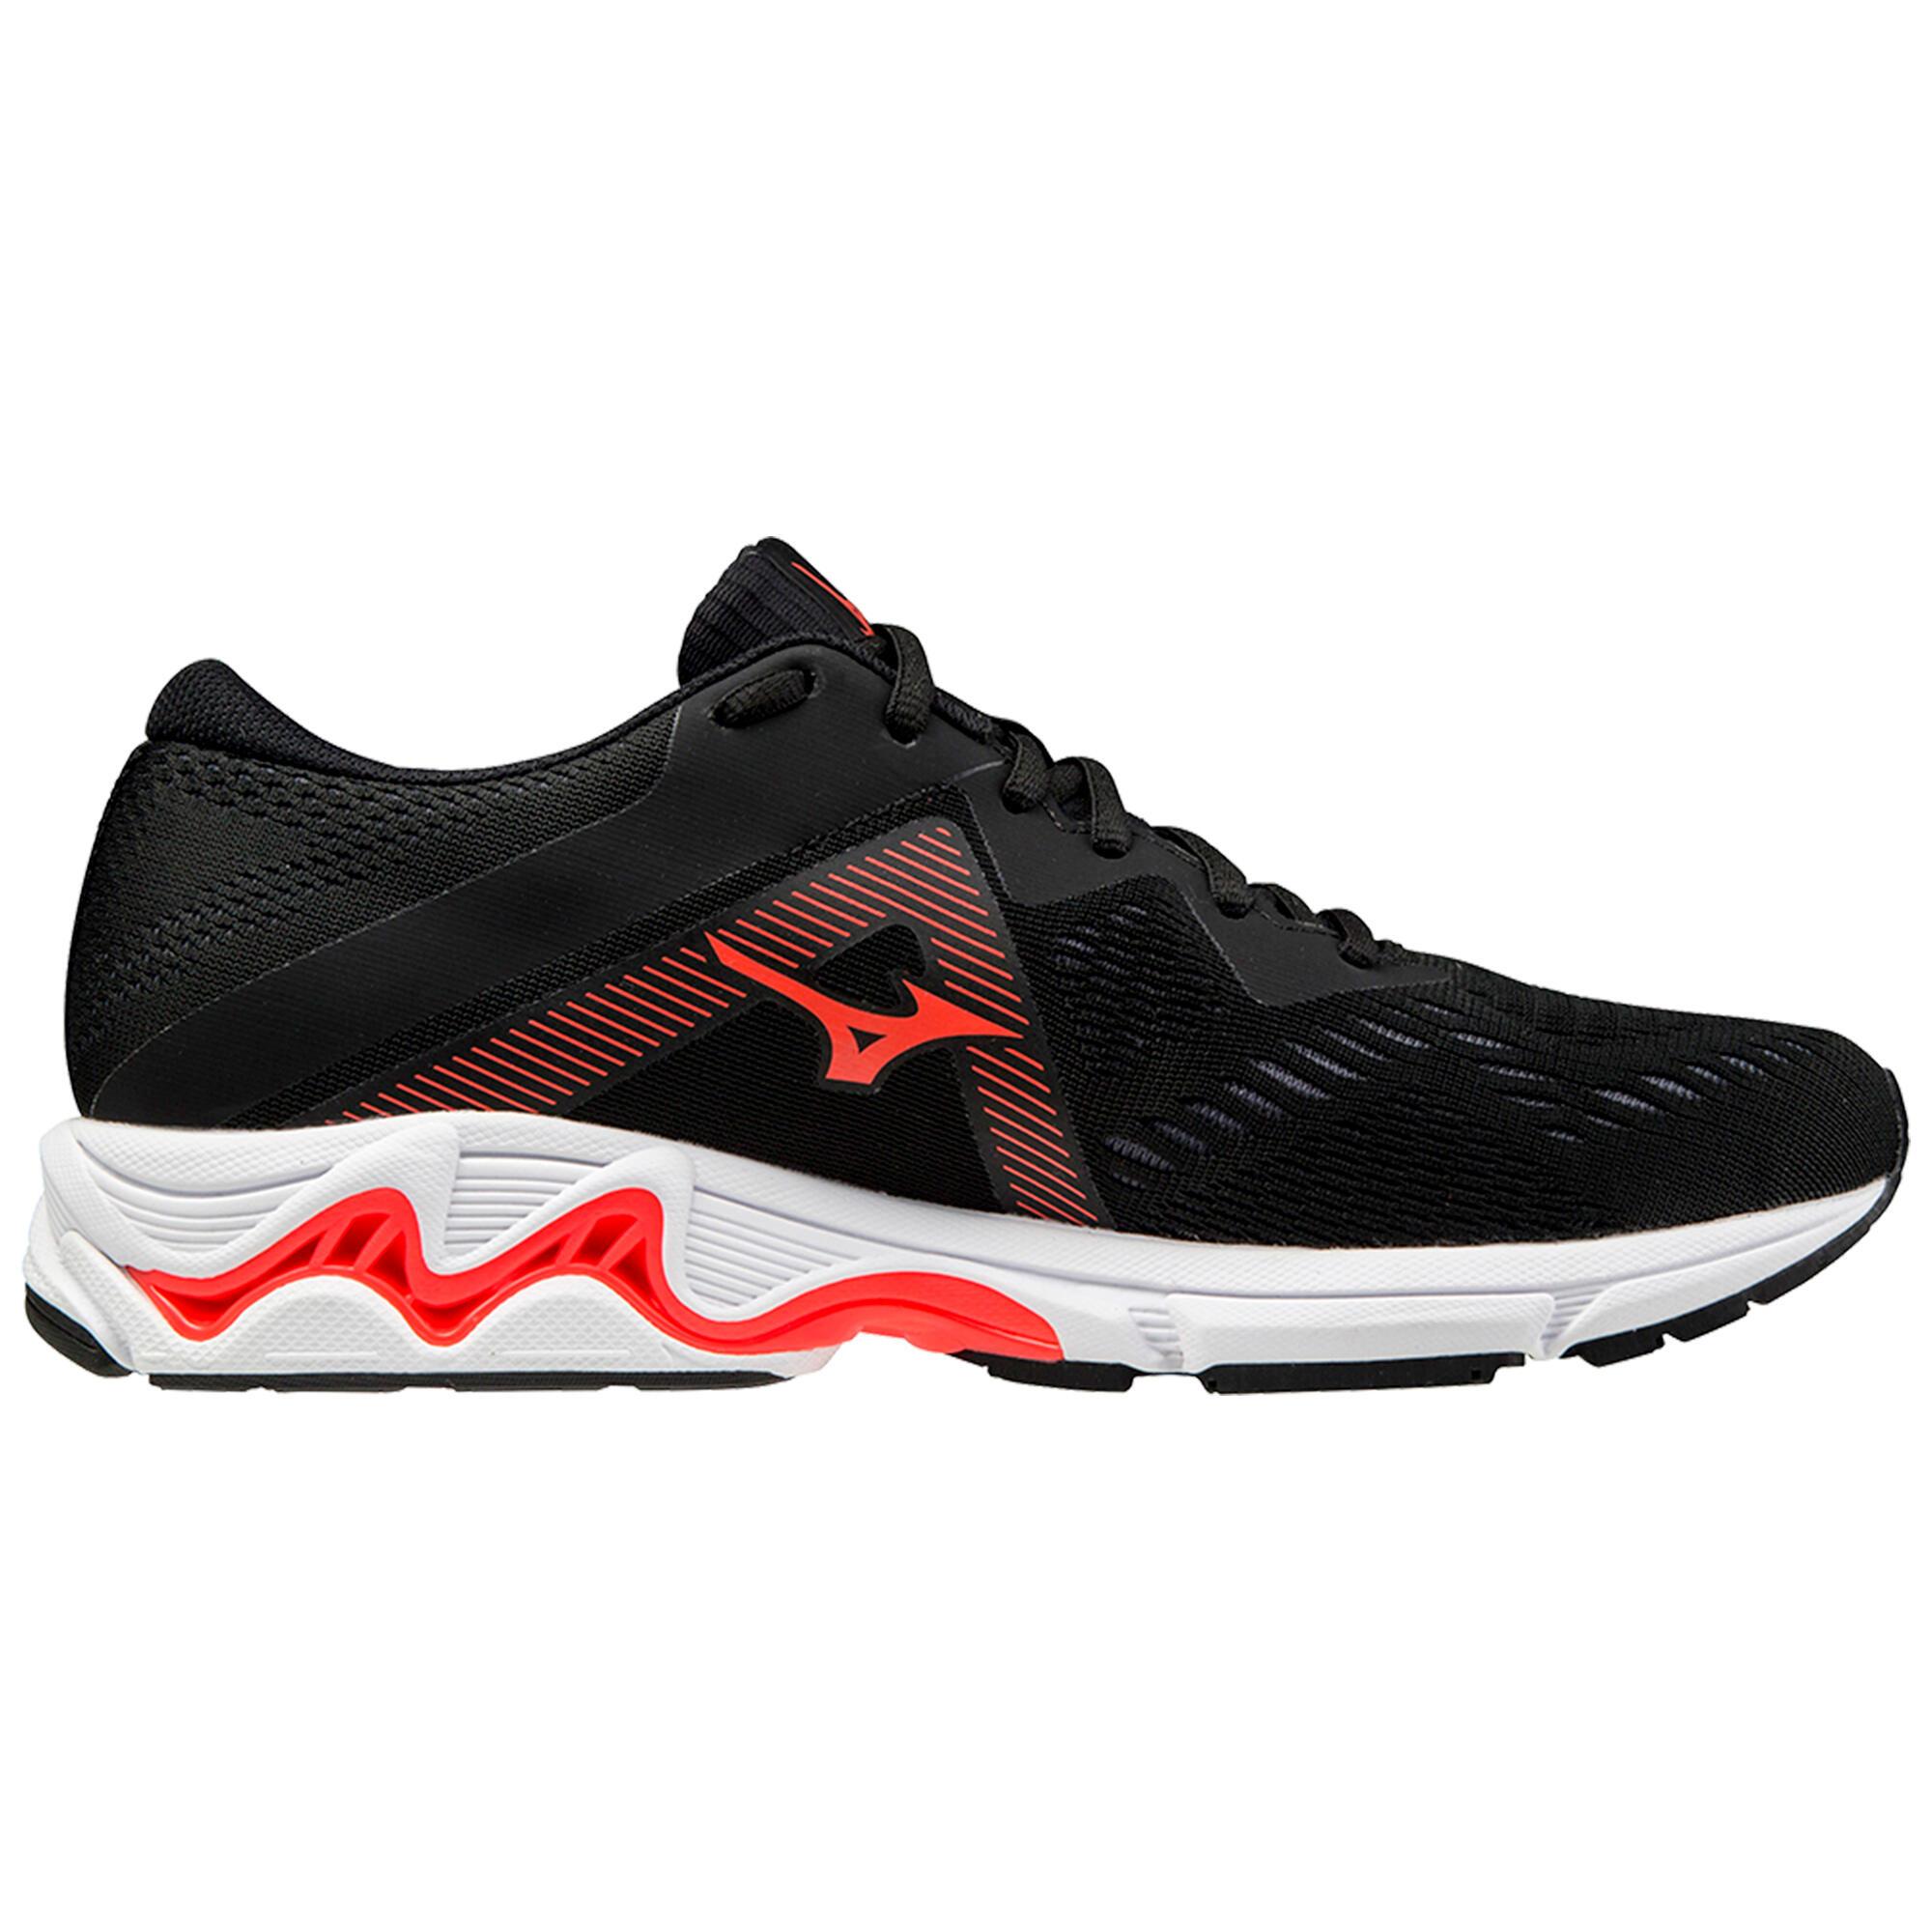 mizuno scarpe running uomo equate 5 nere rosse